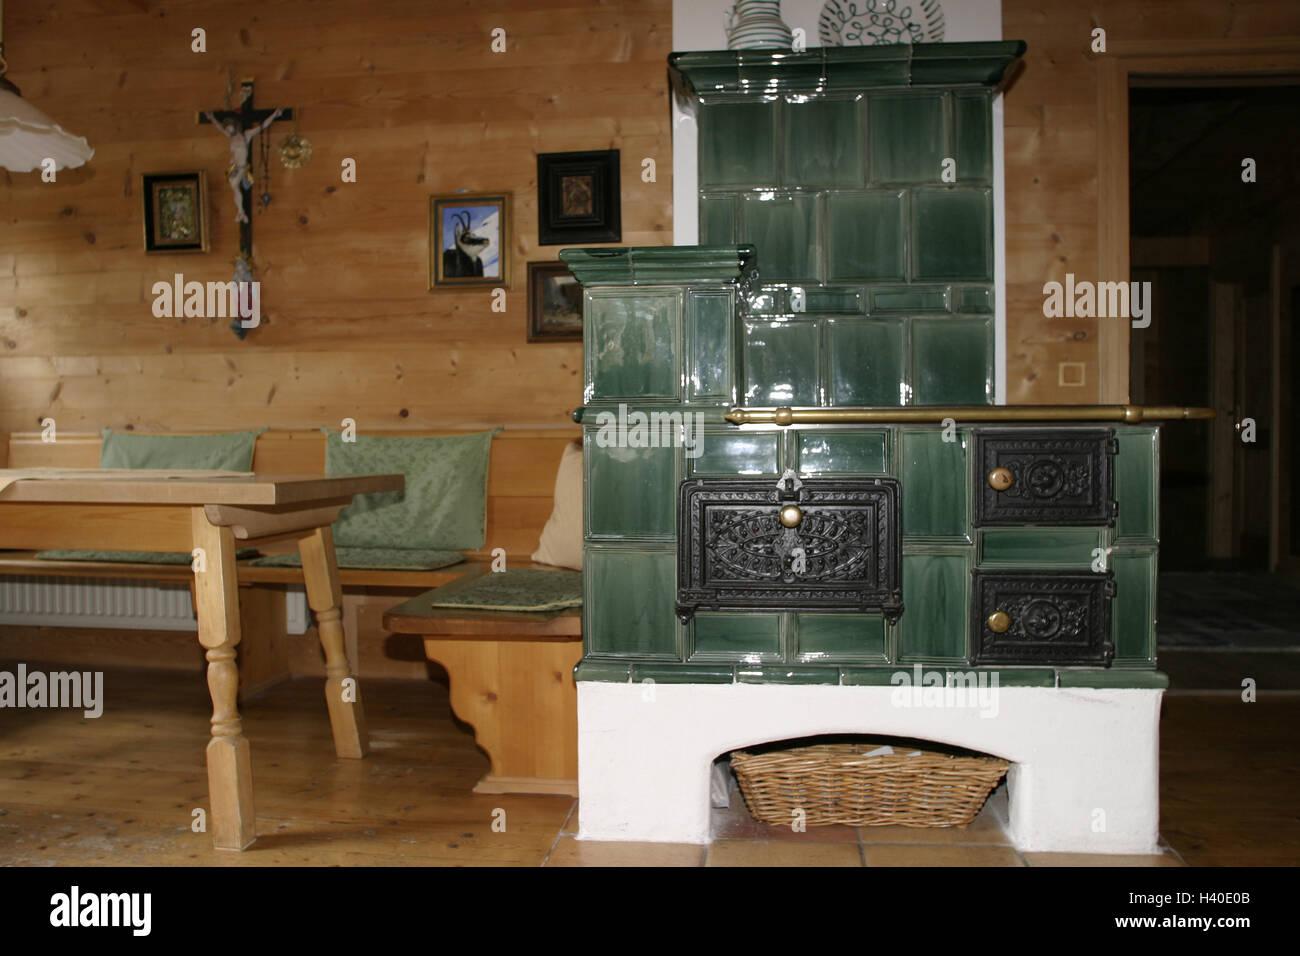 Wohnraum, Kachelofen, Zimmer, Bauernstube, Küche, Wohnraum, Essecke ...